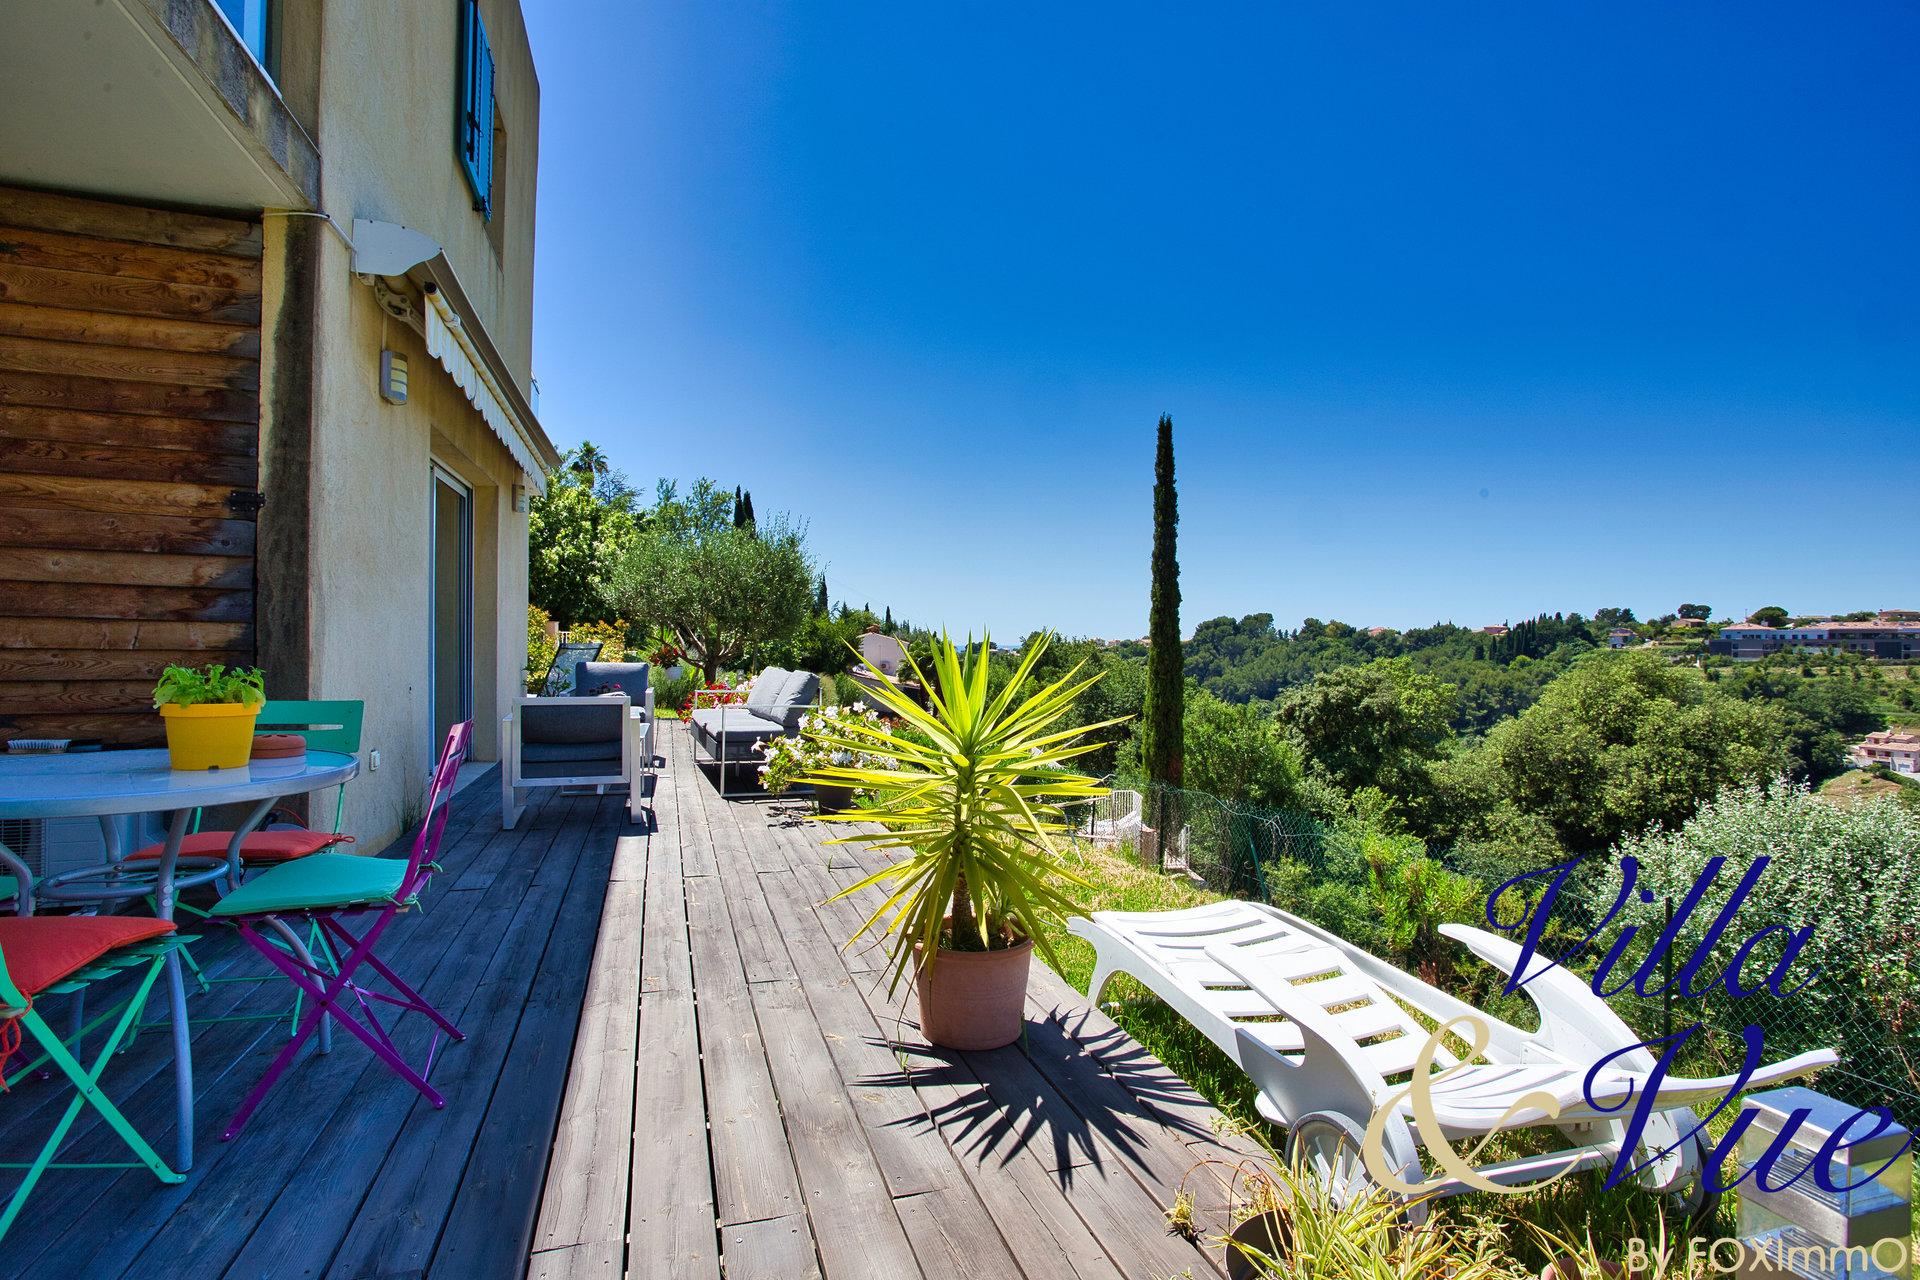 Отдельный дом для продажи, cagnes sur mer, абсолютная тишина, вид на море